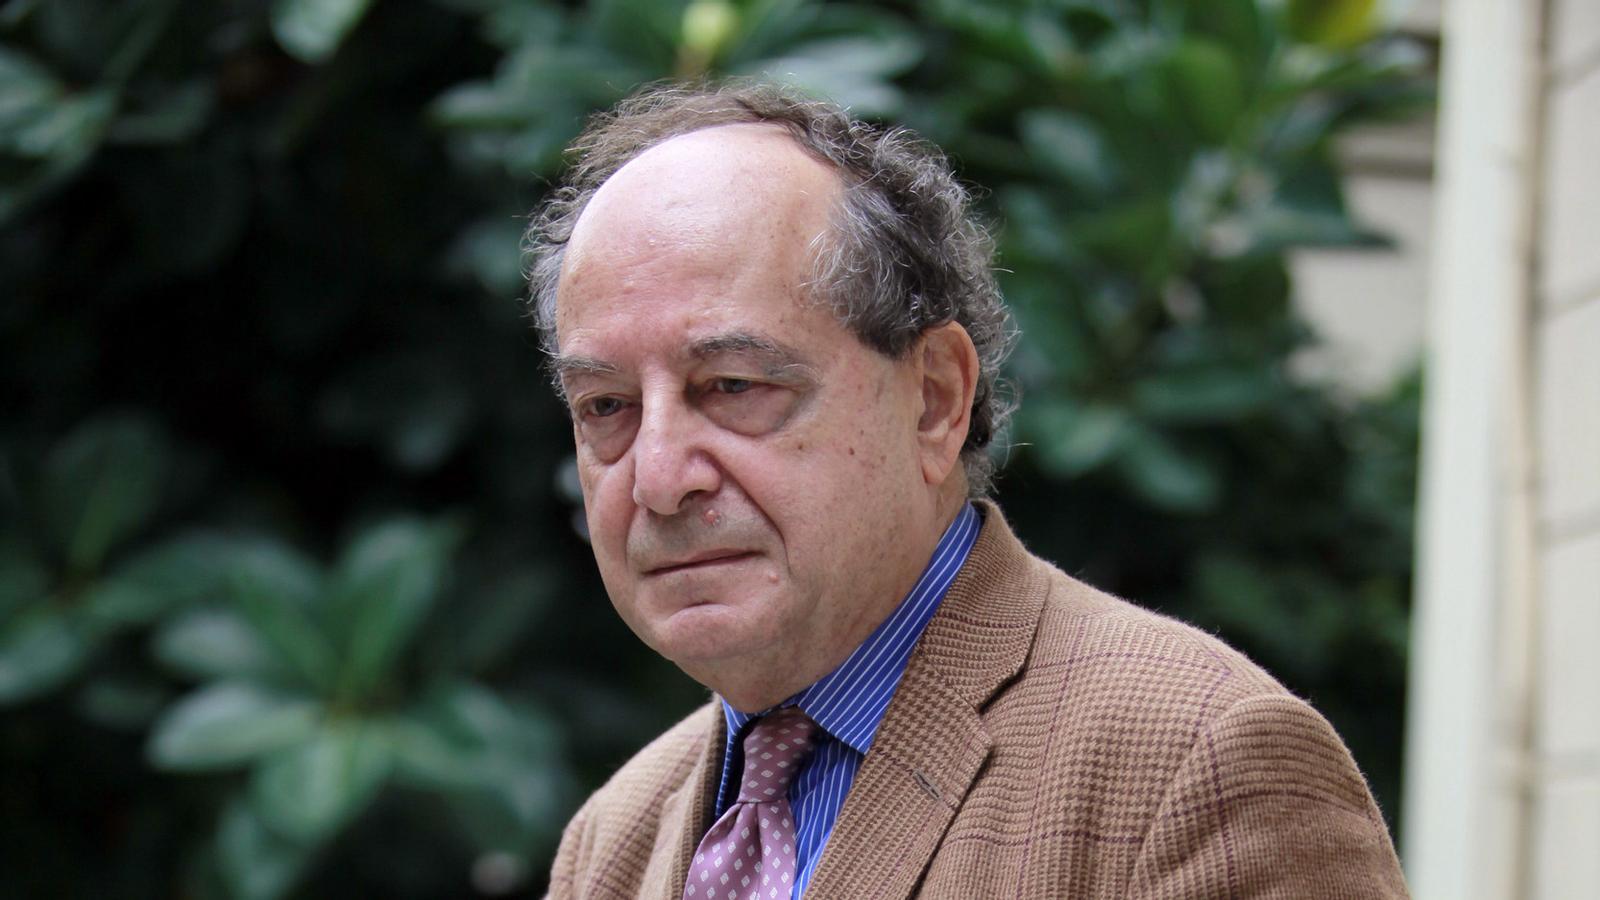 El pessimisme sobre el futur de l'edició s'ha apoderat de Roberto Calasso.